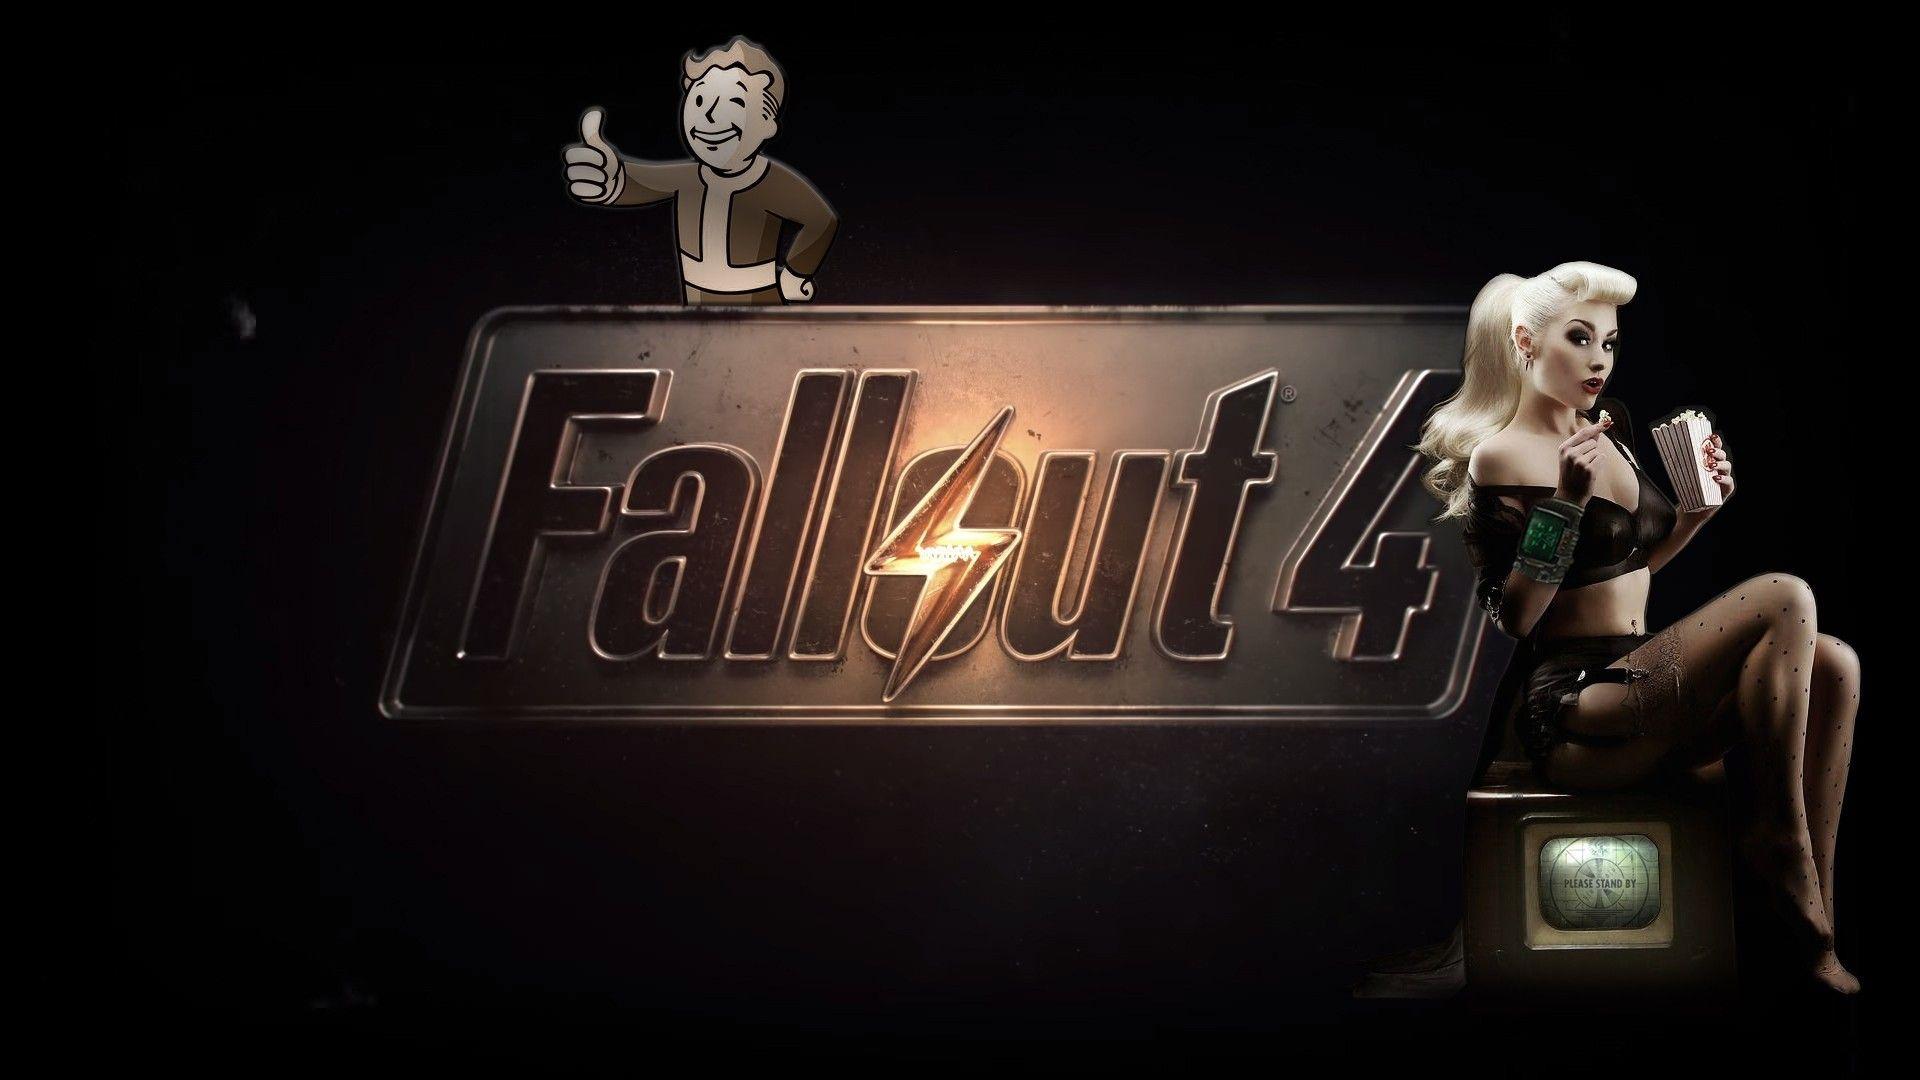 fallout wallpaper pc